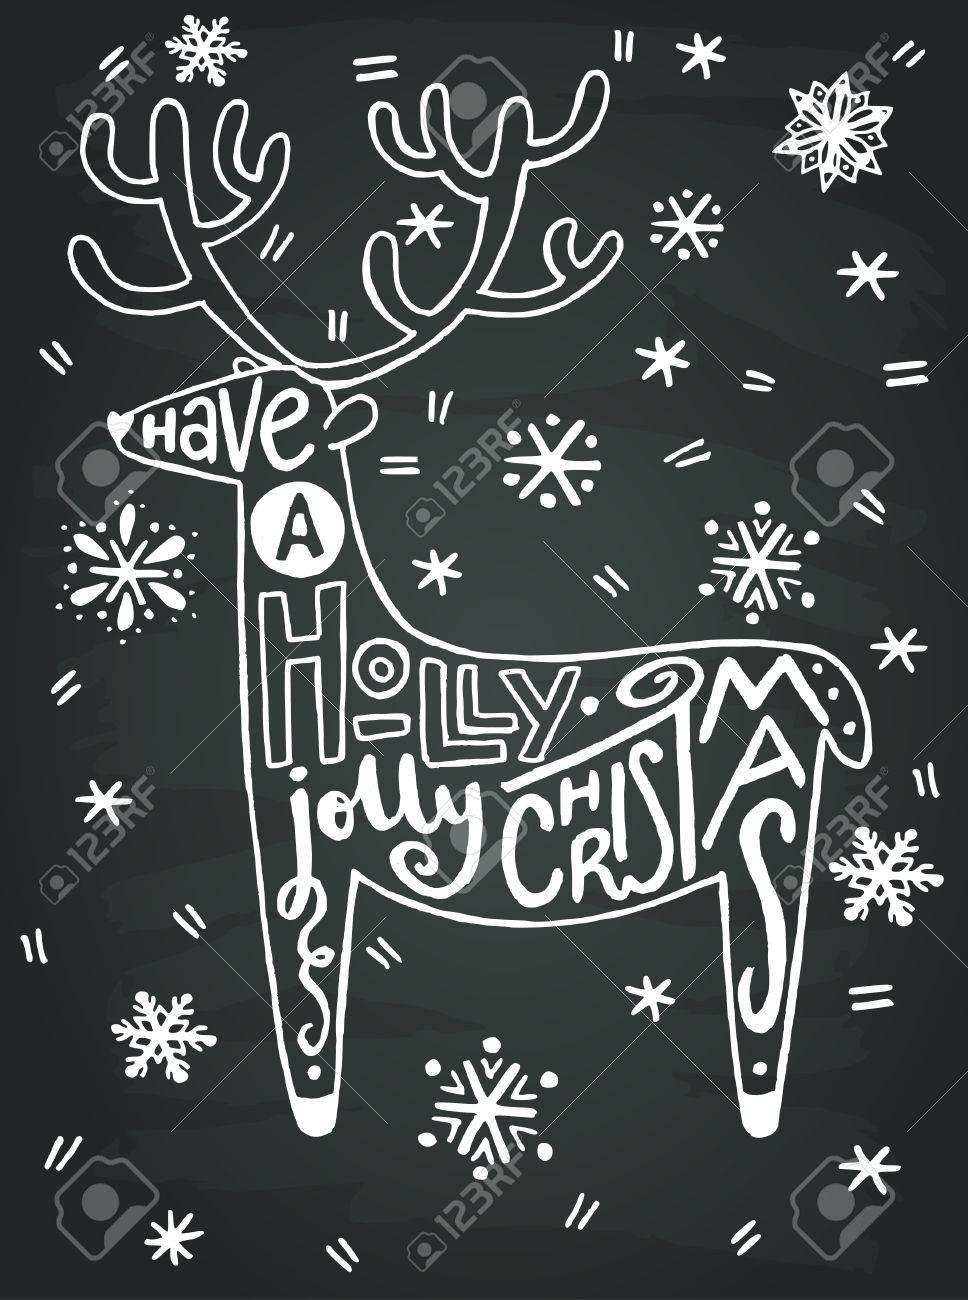 Avoir Un Houx De Noël Joyeux De La Main Citation écrite Dans Une Forme D Un Renne Avec Des Flocons De Neige Dessinés à La Main Sur Le Fond De Tableau